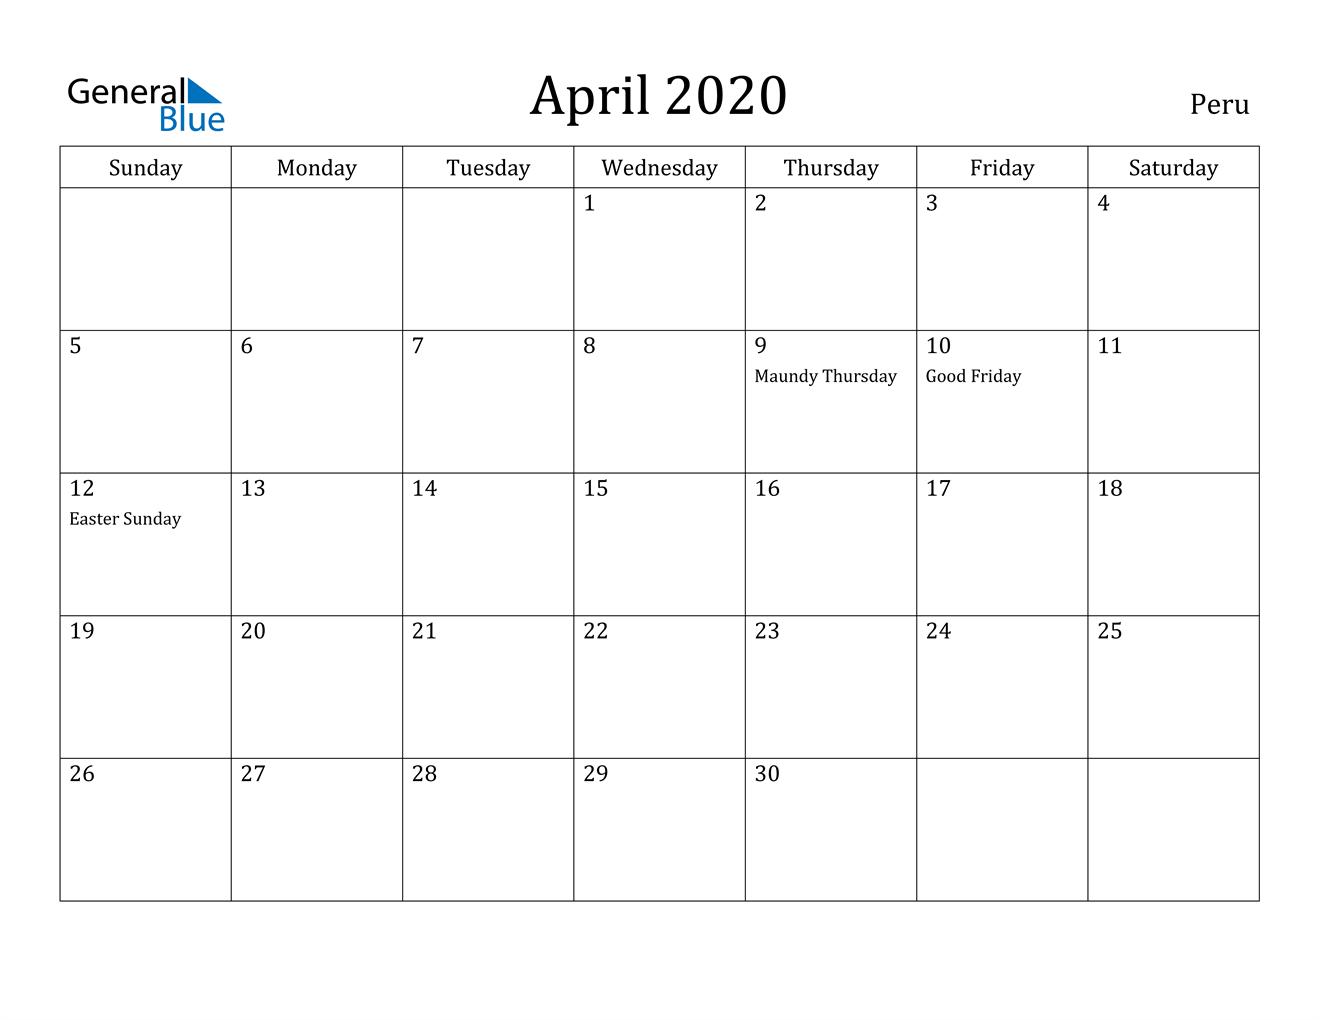 Image of April 2020 Peru Calendar with Holidays Calendar